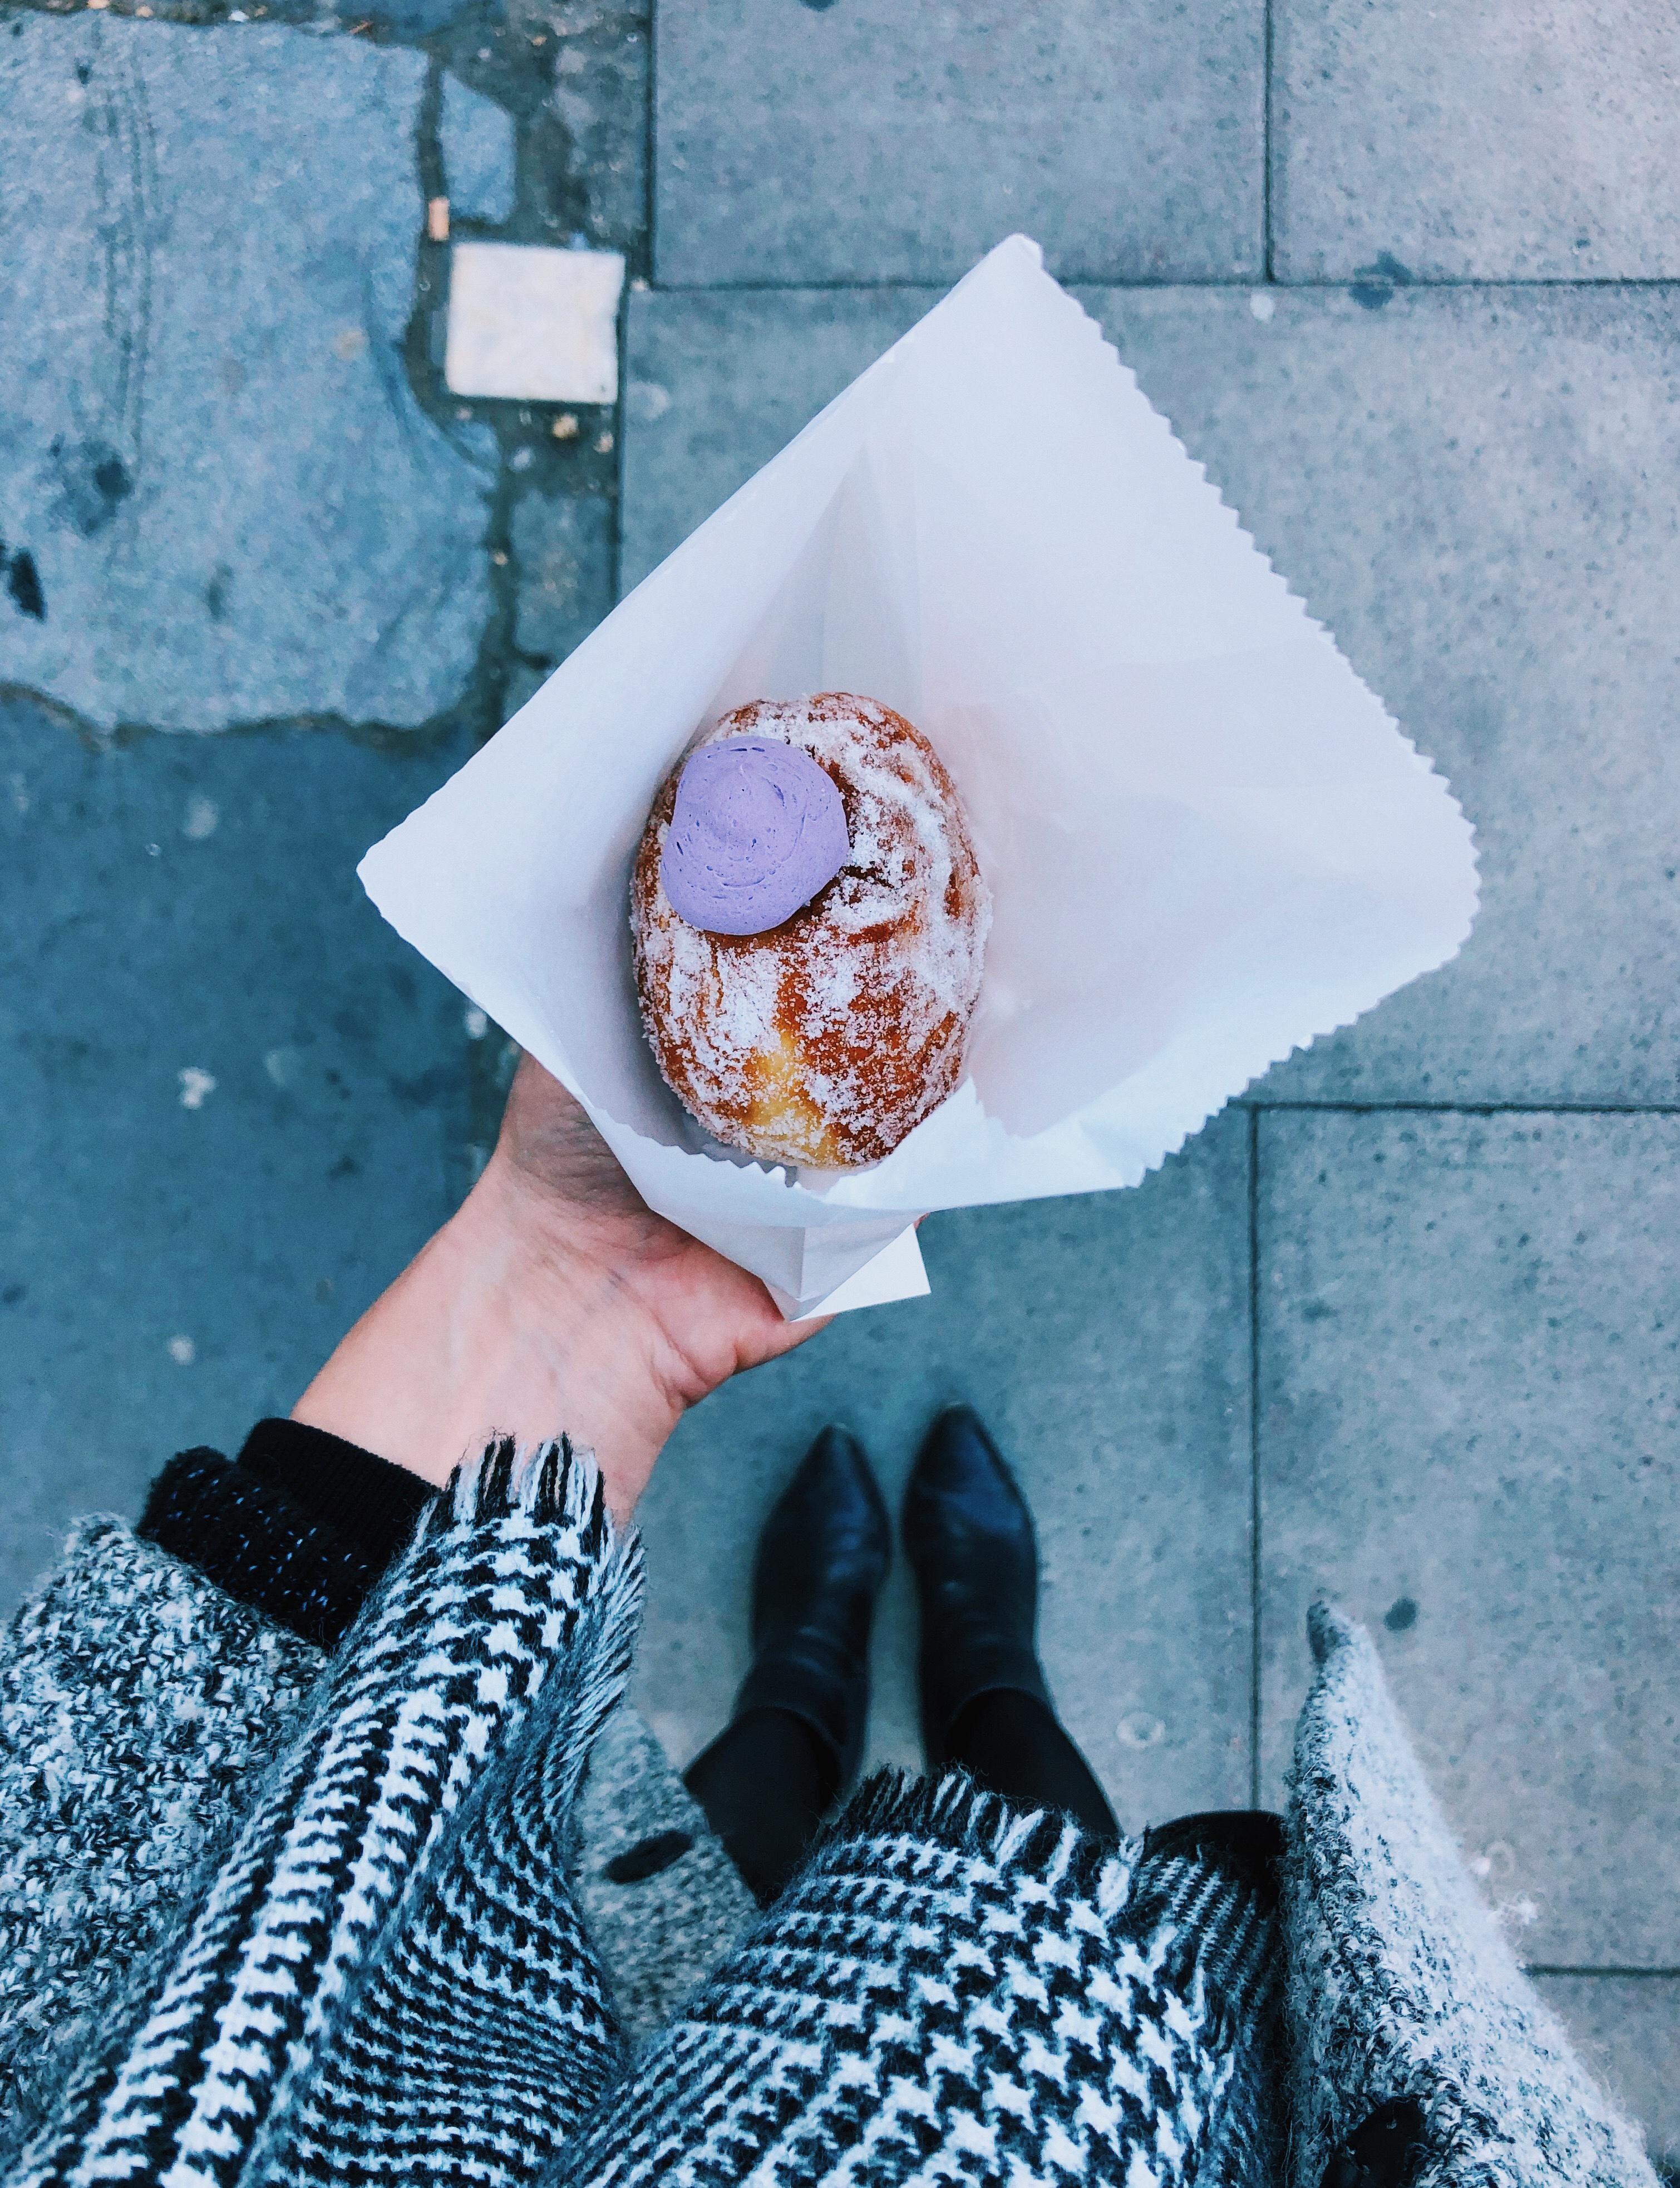 Mamasons doughnuts